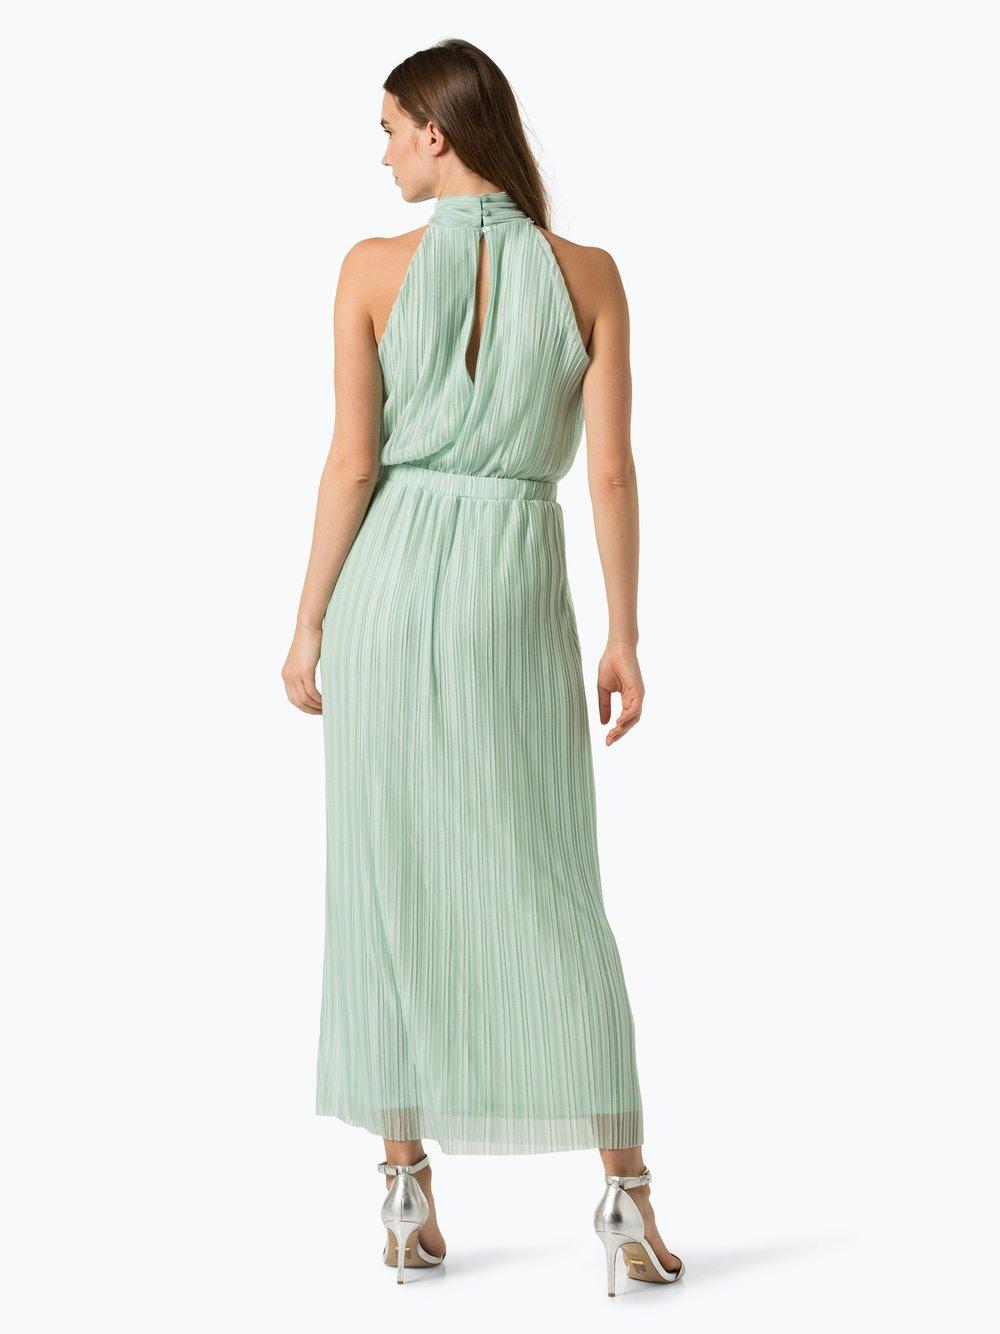 20 Ausgezeichnet Vila Abendkleid VertriebDesigner Perfekt Vila Abendkleid Spezialgebiet